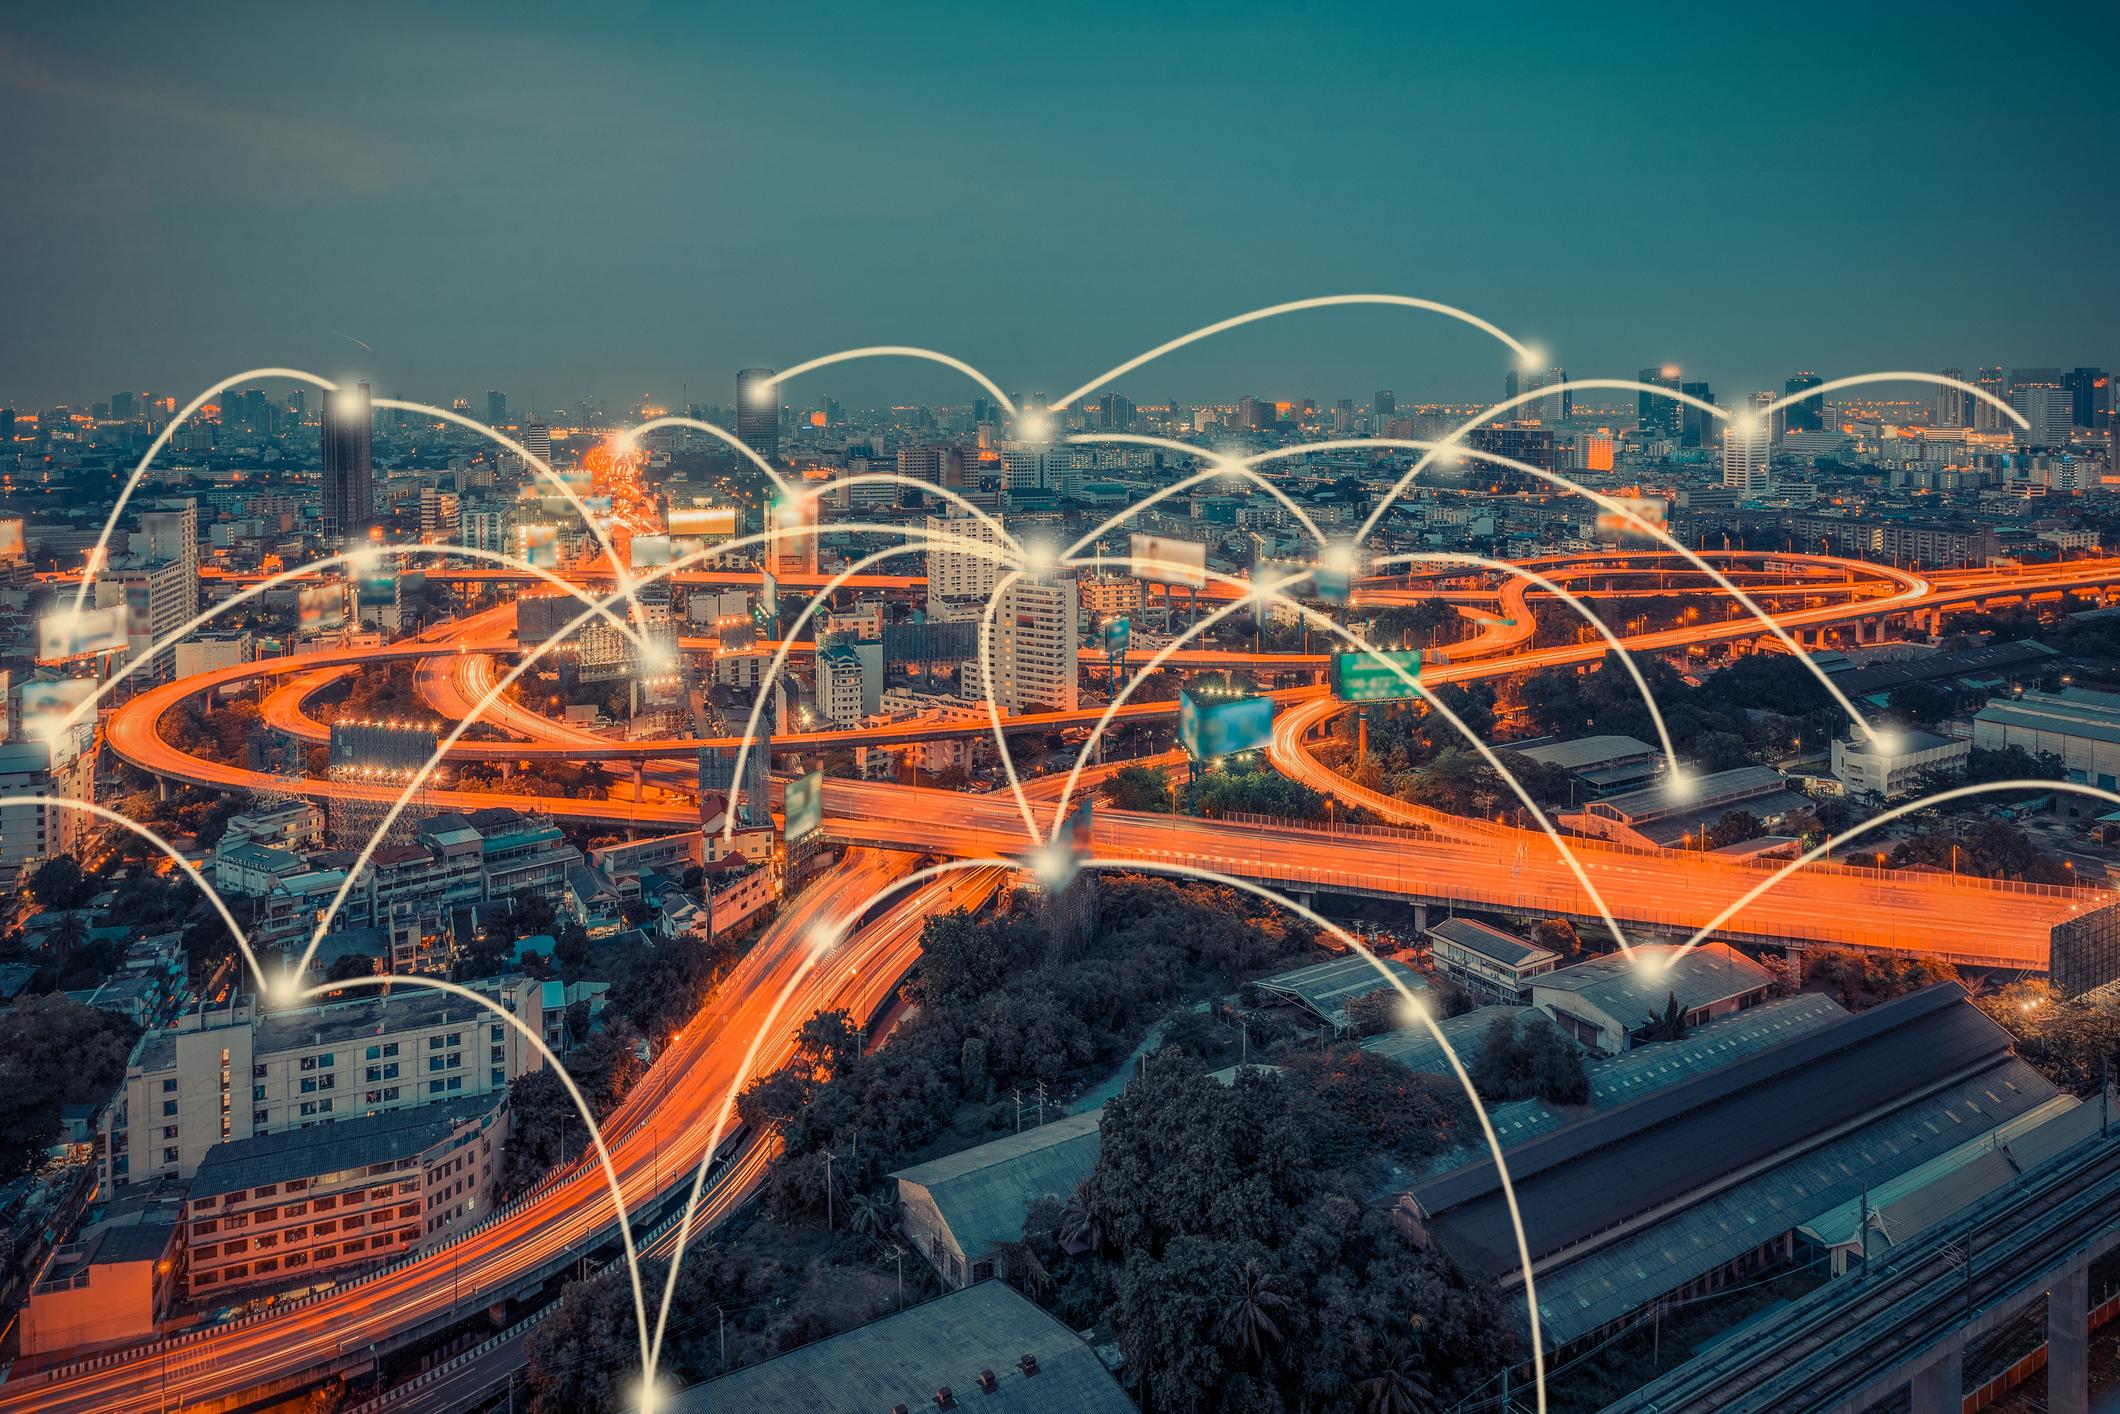 Smart city visualization